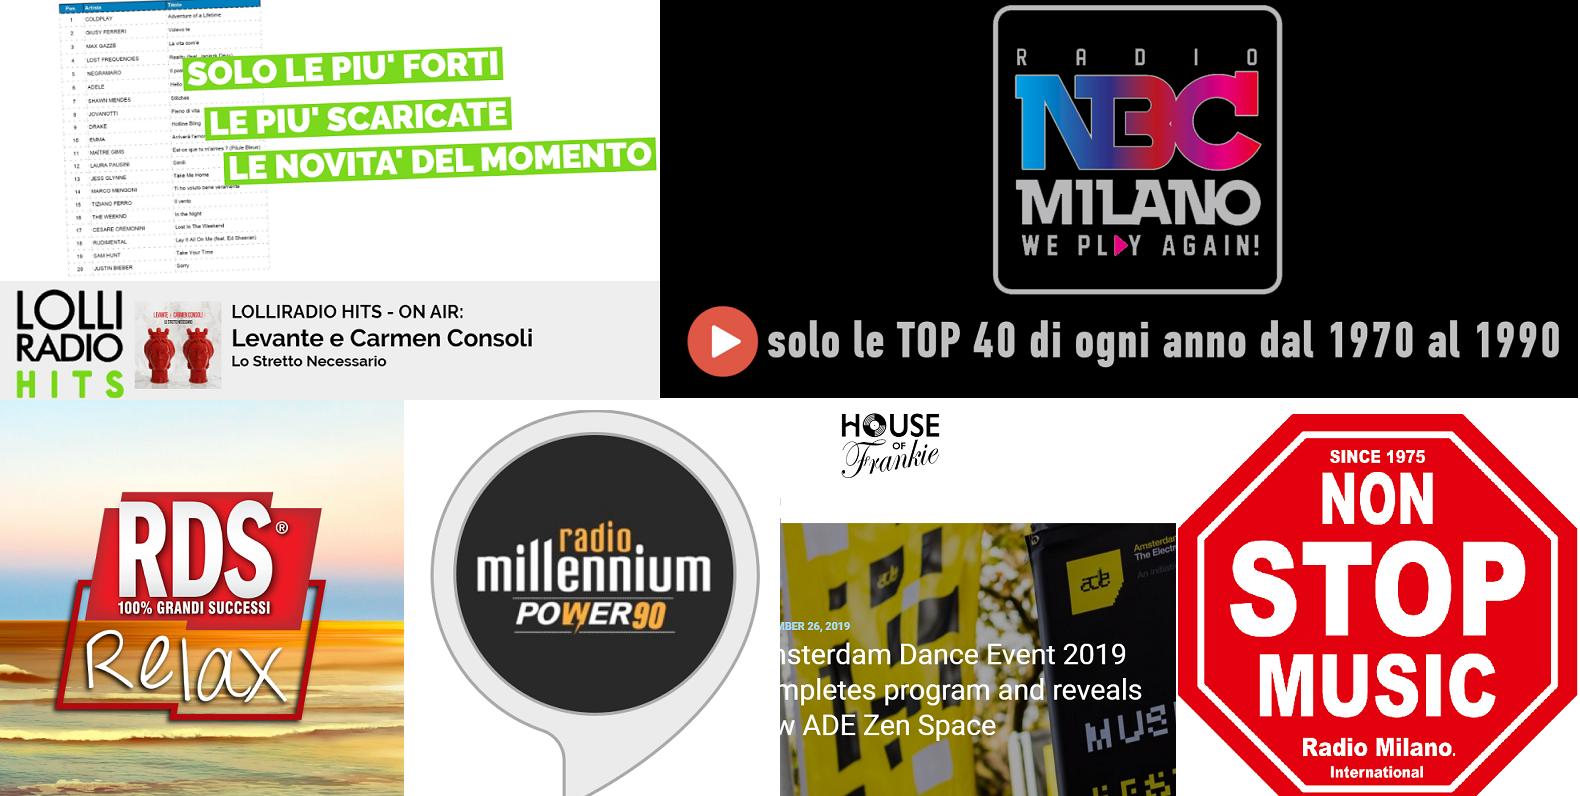 FM World settembre 2019 - Radio. Ascolti: i dati di settembre 2019 dell'aggregatore FM World. Primeggiano i canali sportivi, ma anche i nativi digitali